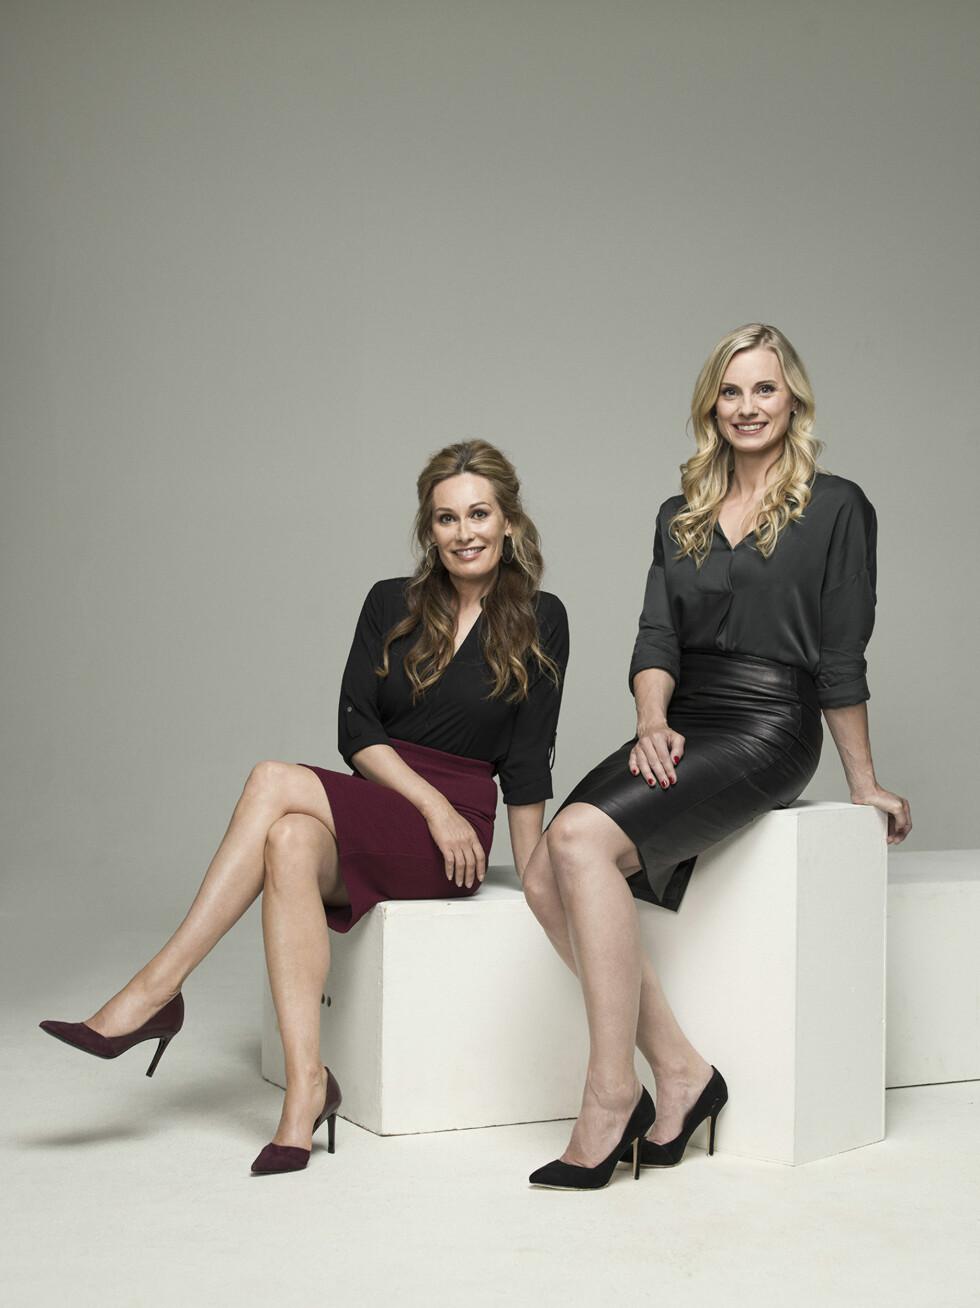 TV-SUKSESS: «Luksusfellen» er et av TV3s mest populære programmer. Her er Cecilie Lynum avbildet sammen med kollega SIlje Sandmæl (t.h.).  Foto: Rune Bendiksen/ TV3